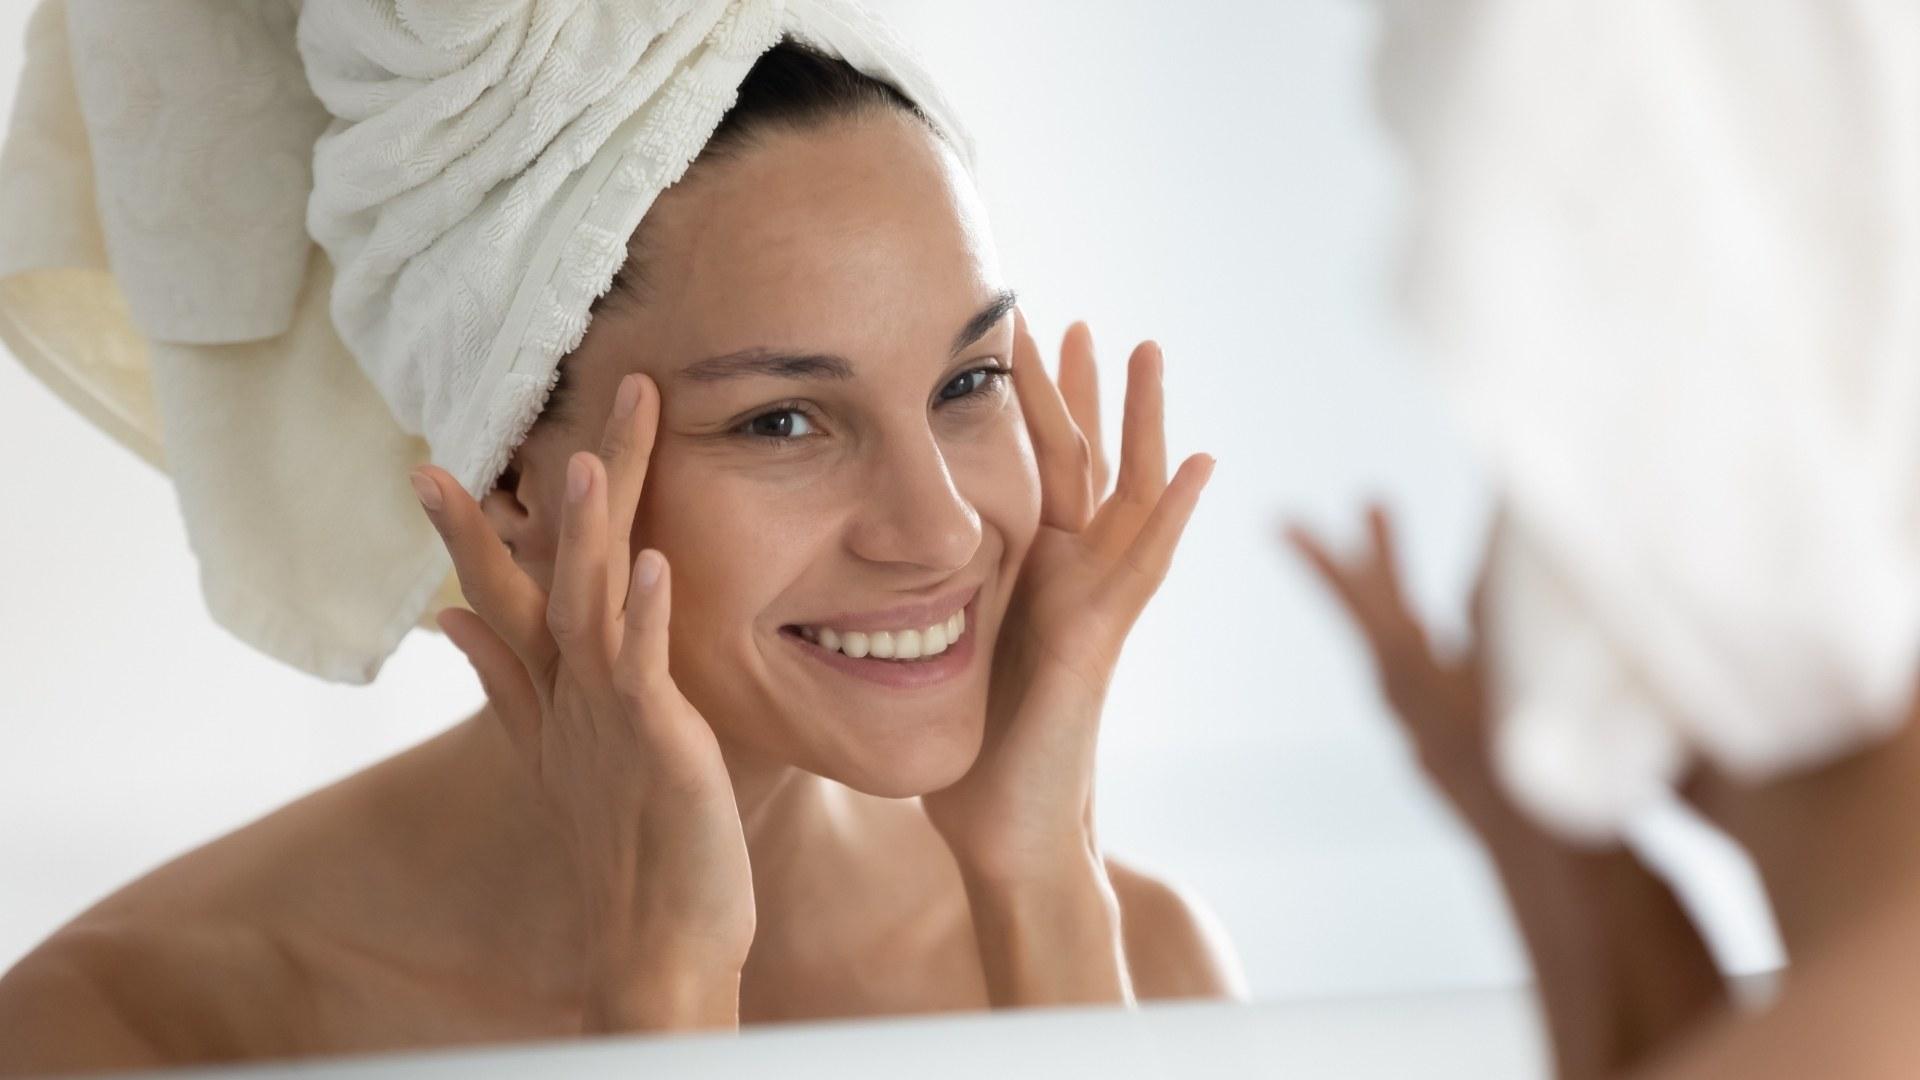 Pelle mista con pori dilatati? Ecco cosa suggerisce la dottoressa della pelle